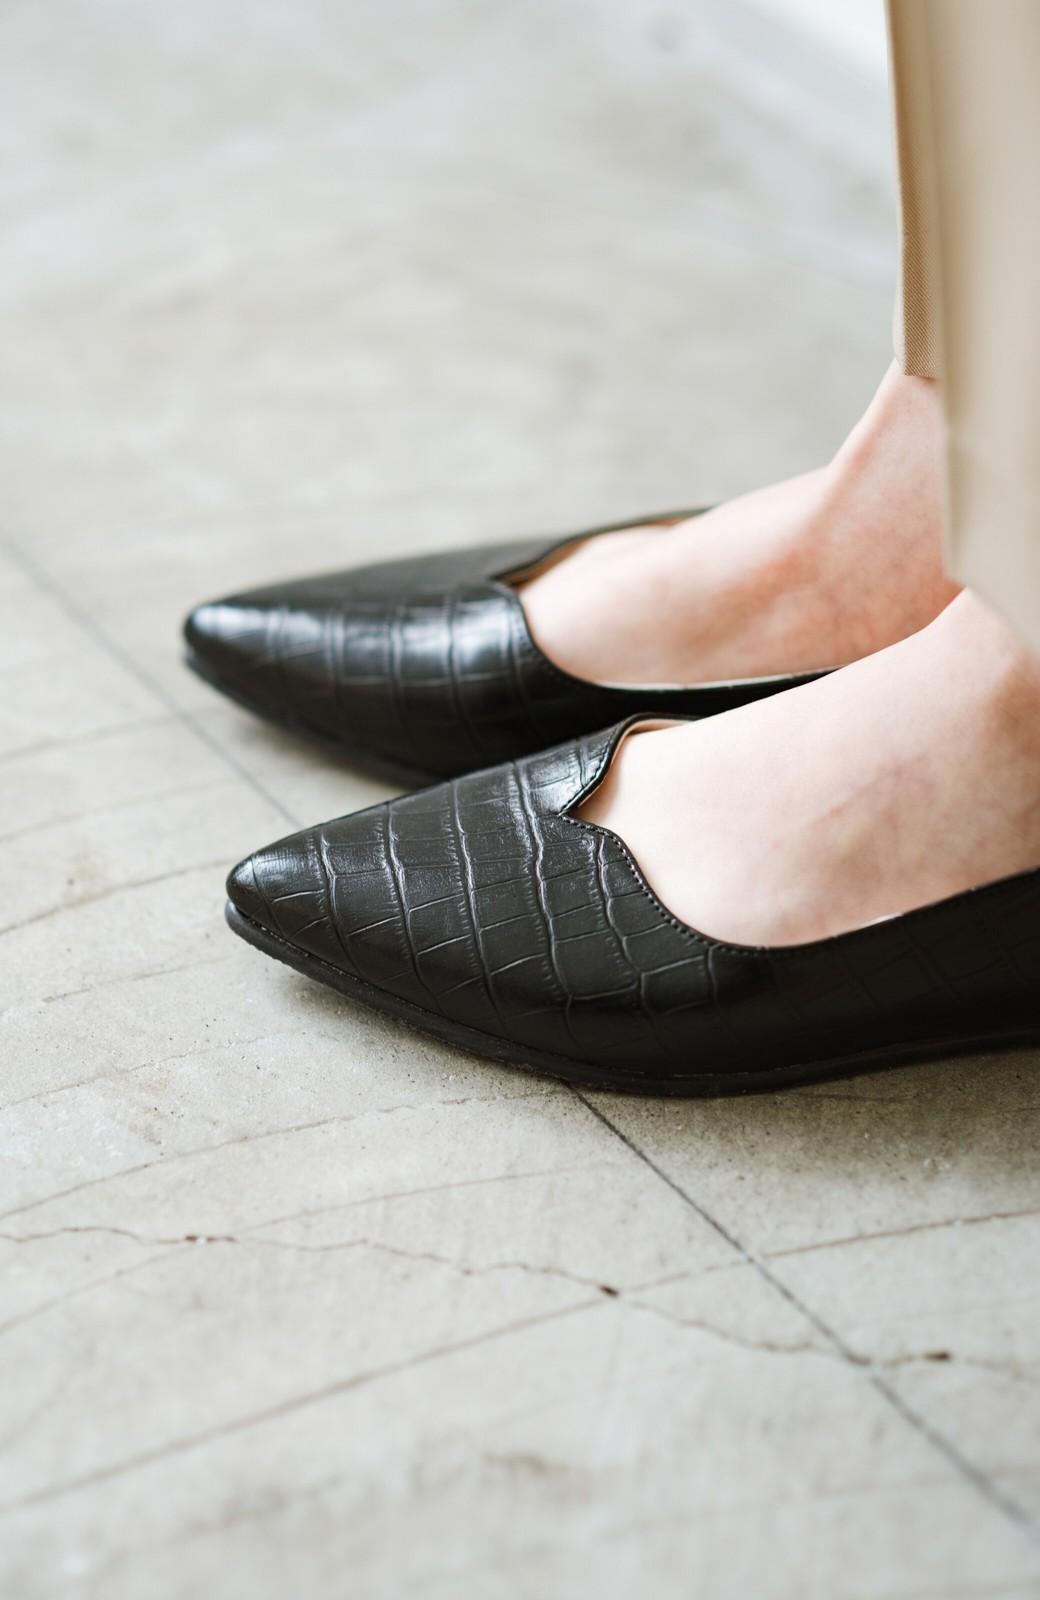 haco! 【防水】普段もお仕事も雨の日も!さっと履いて女っぽい Vカットが足をきれいに見せてくれるフラットパンプス <ブラック>の商品写真8